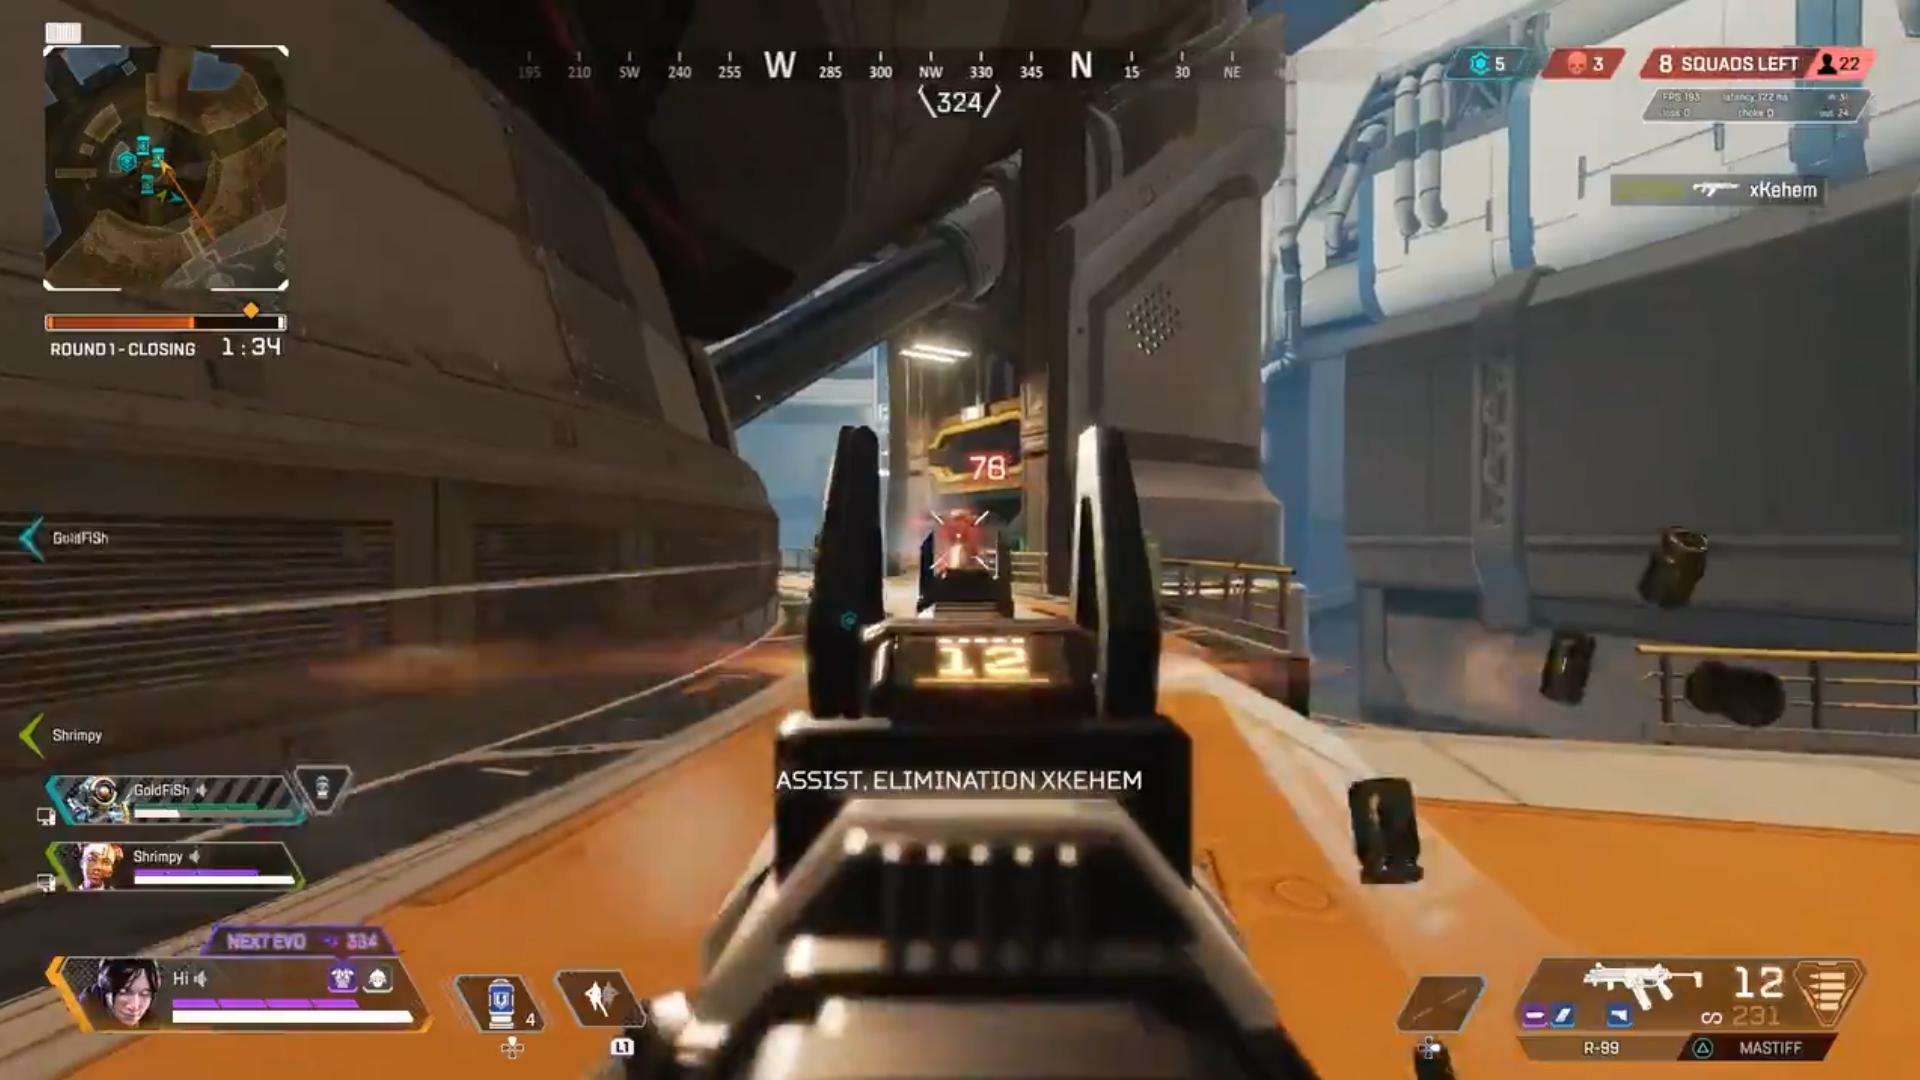 【APEX】コントローラーにやられた後にコントローラーで暴れまくる動画